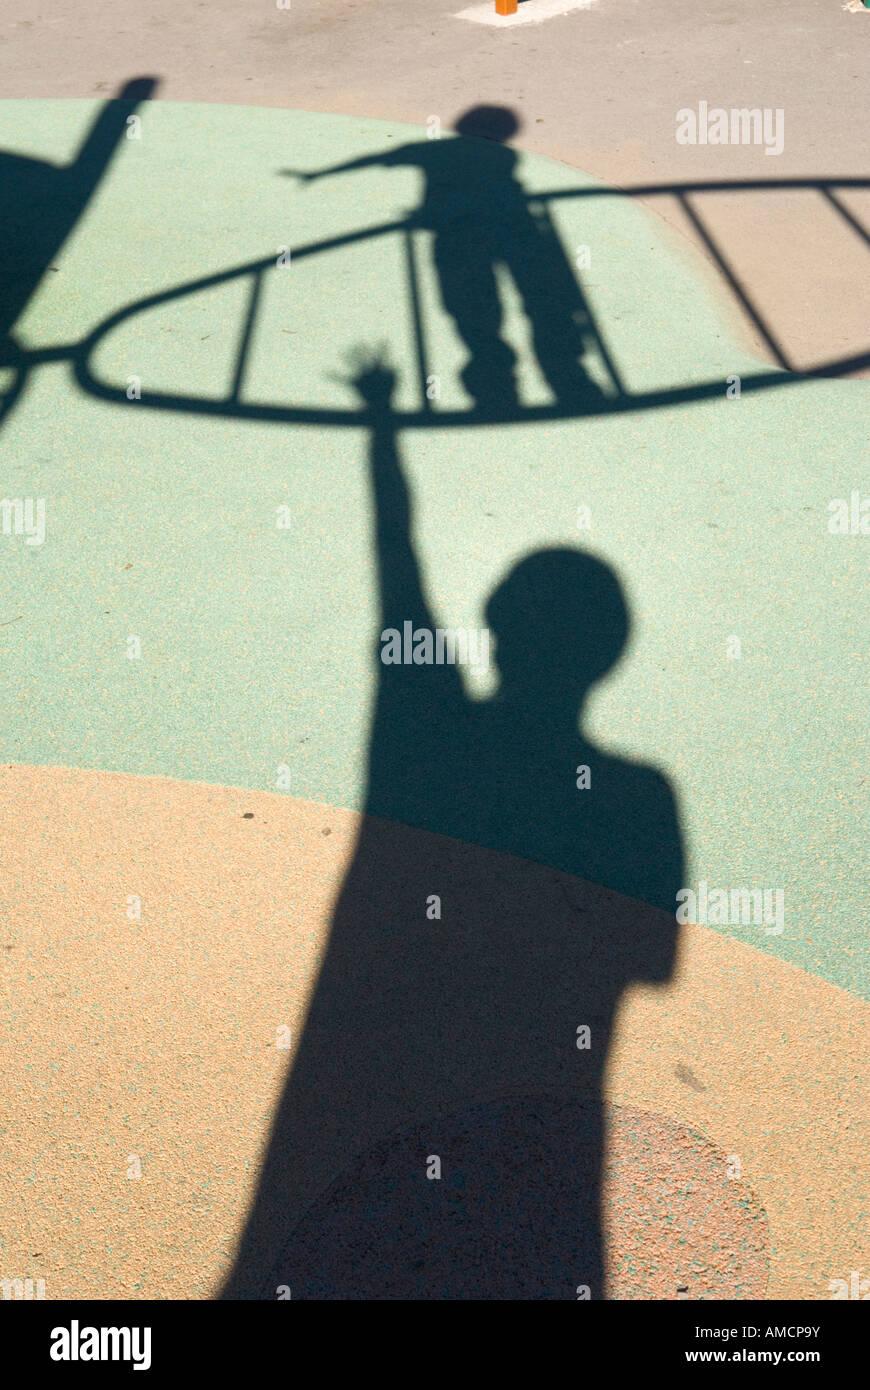 Schatten des kleinen Kindes auf Klettergerüst Schatten des Erwachsenen Spielplatz Stock überragt Stockbild